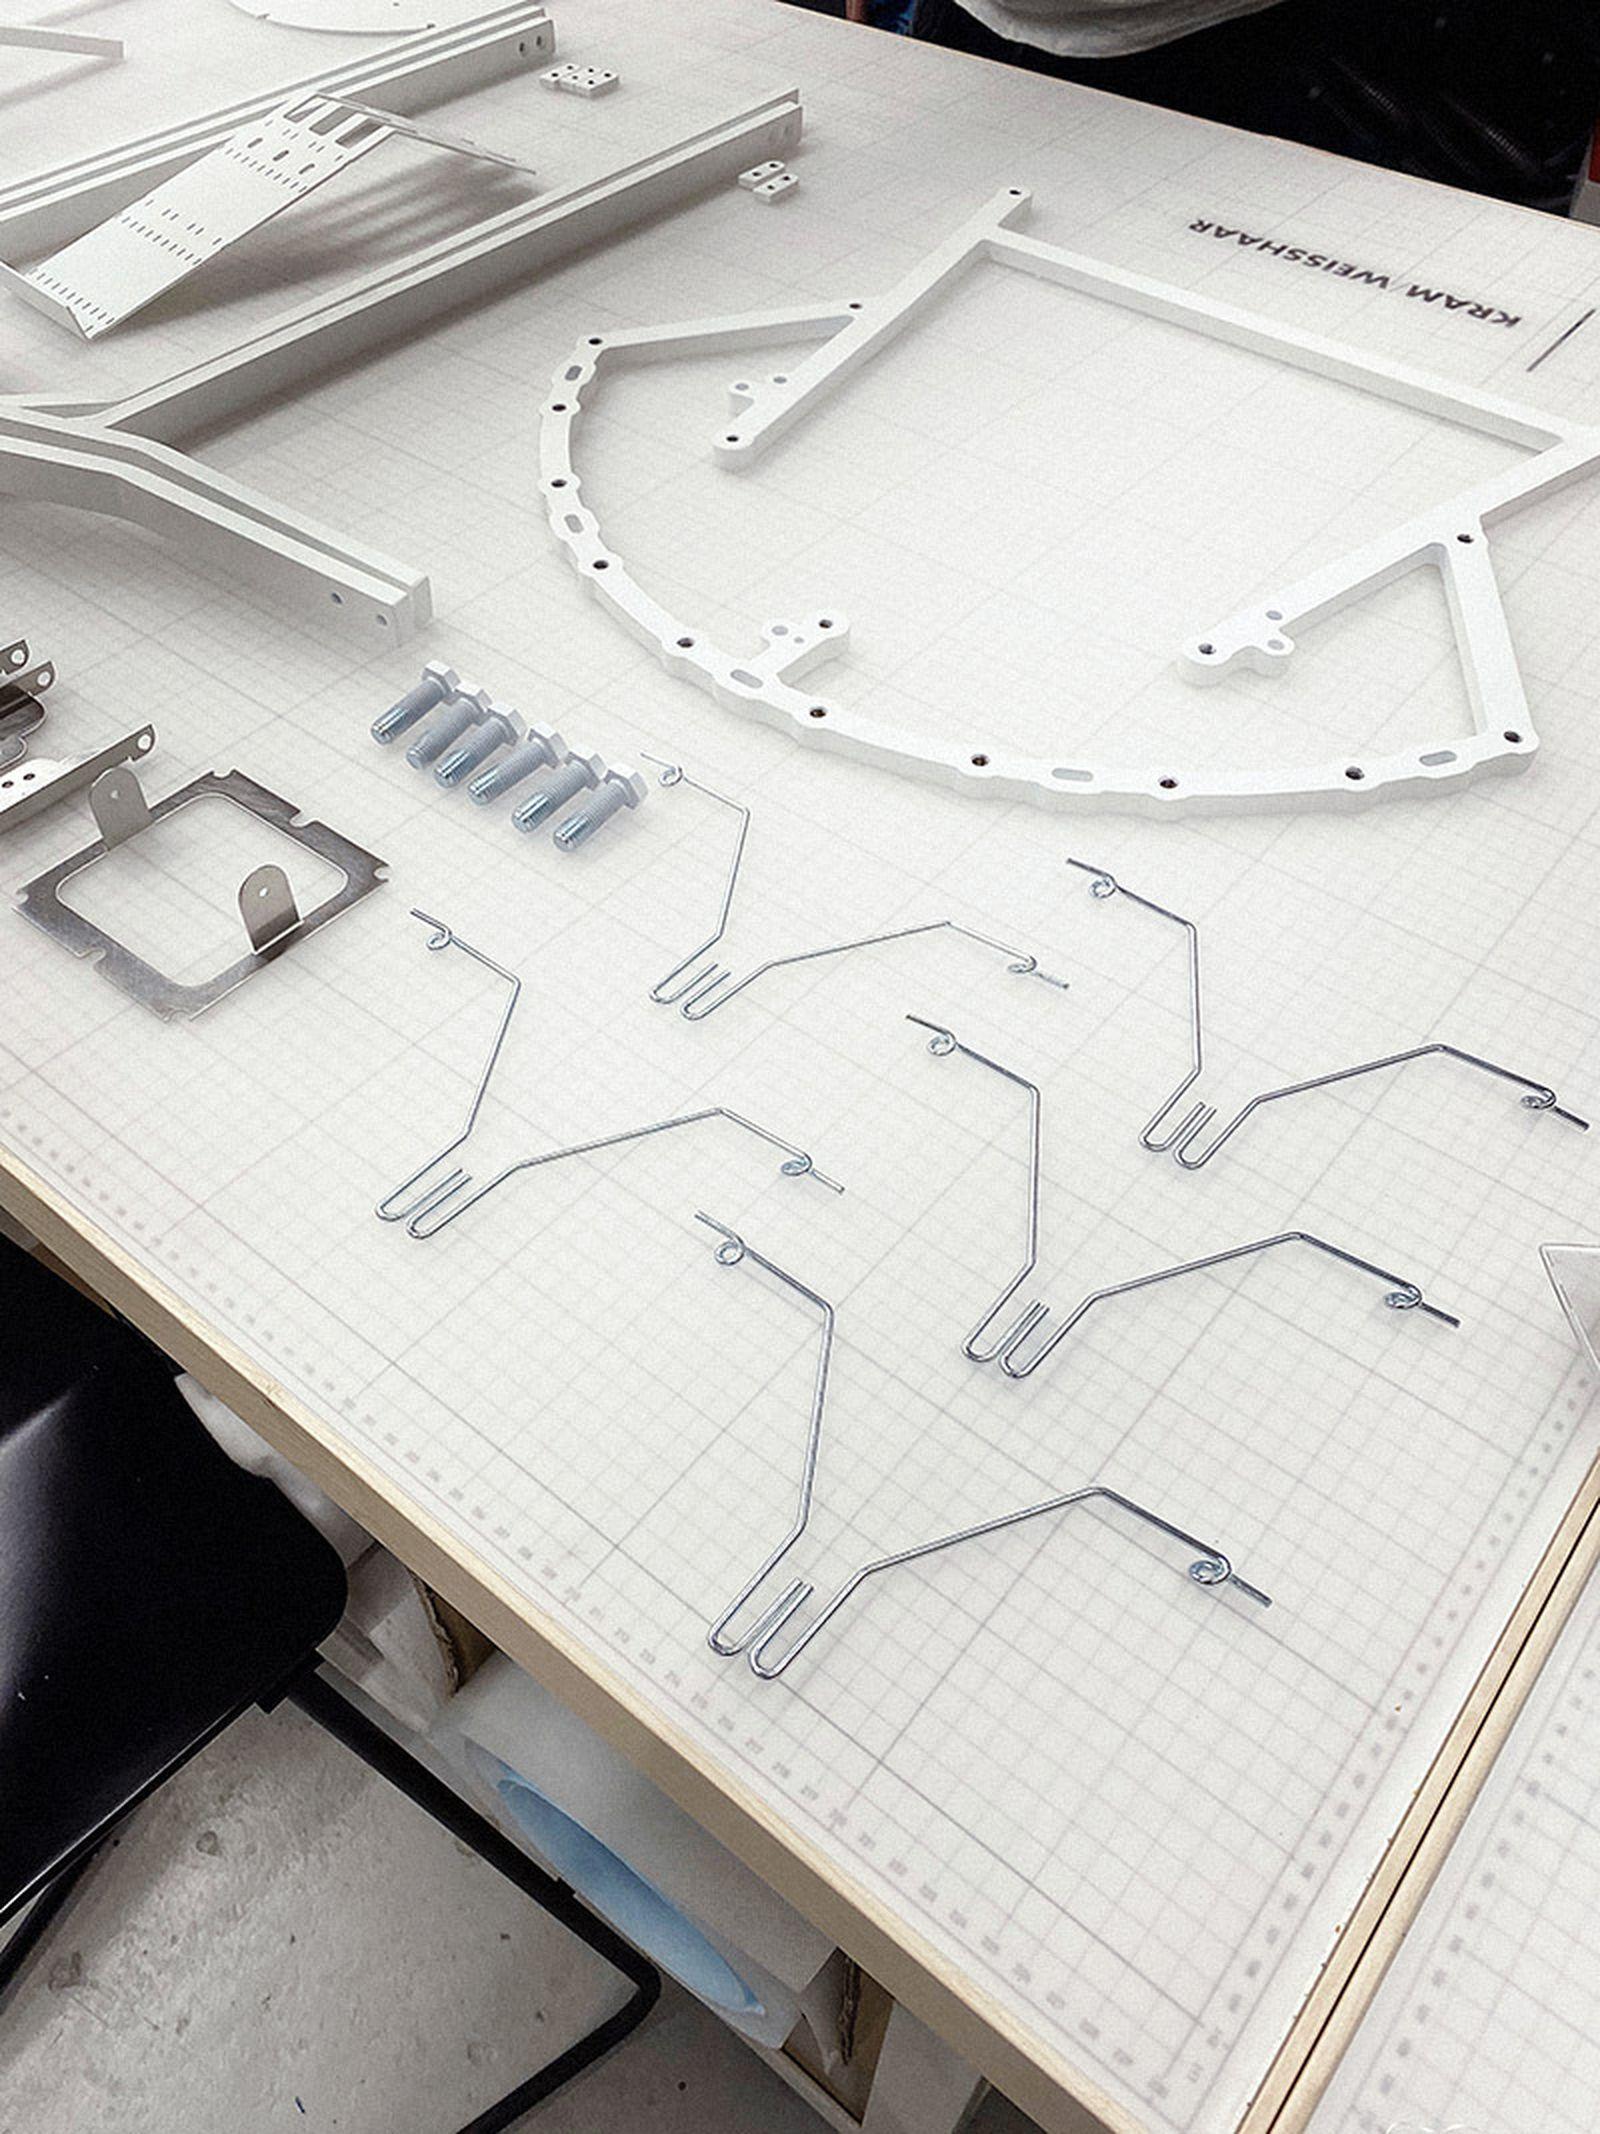 adidas-futurecraft-strung-deep-dive-interview-014